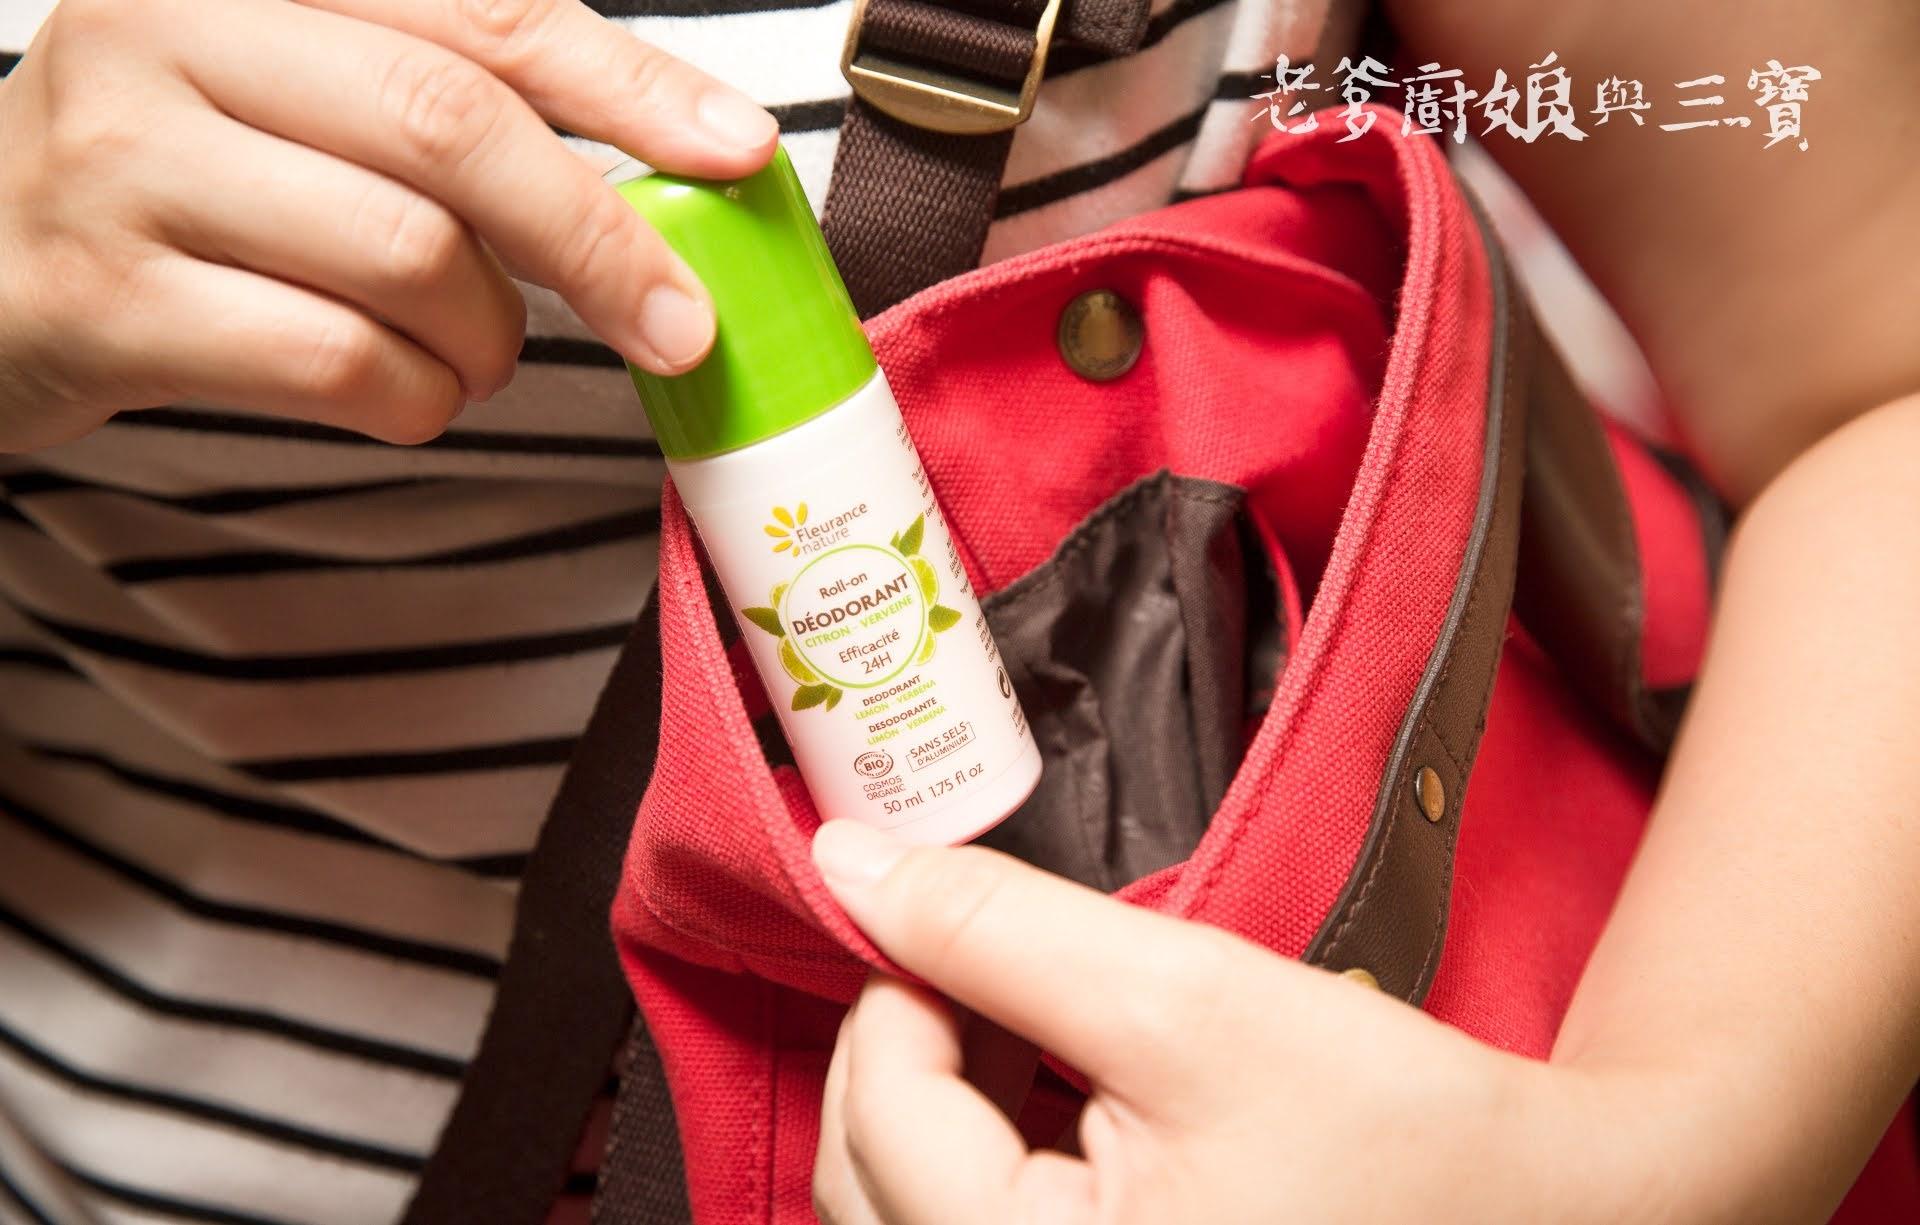 芙樂思 Fleurance Nature 檸檬馬鞭草無鋁天然體香劑抑制你夏天的煩惱